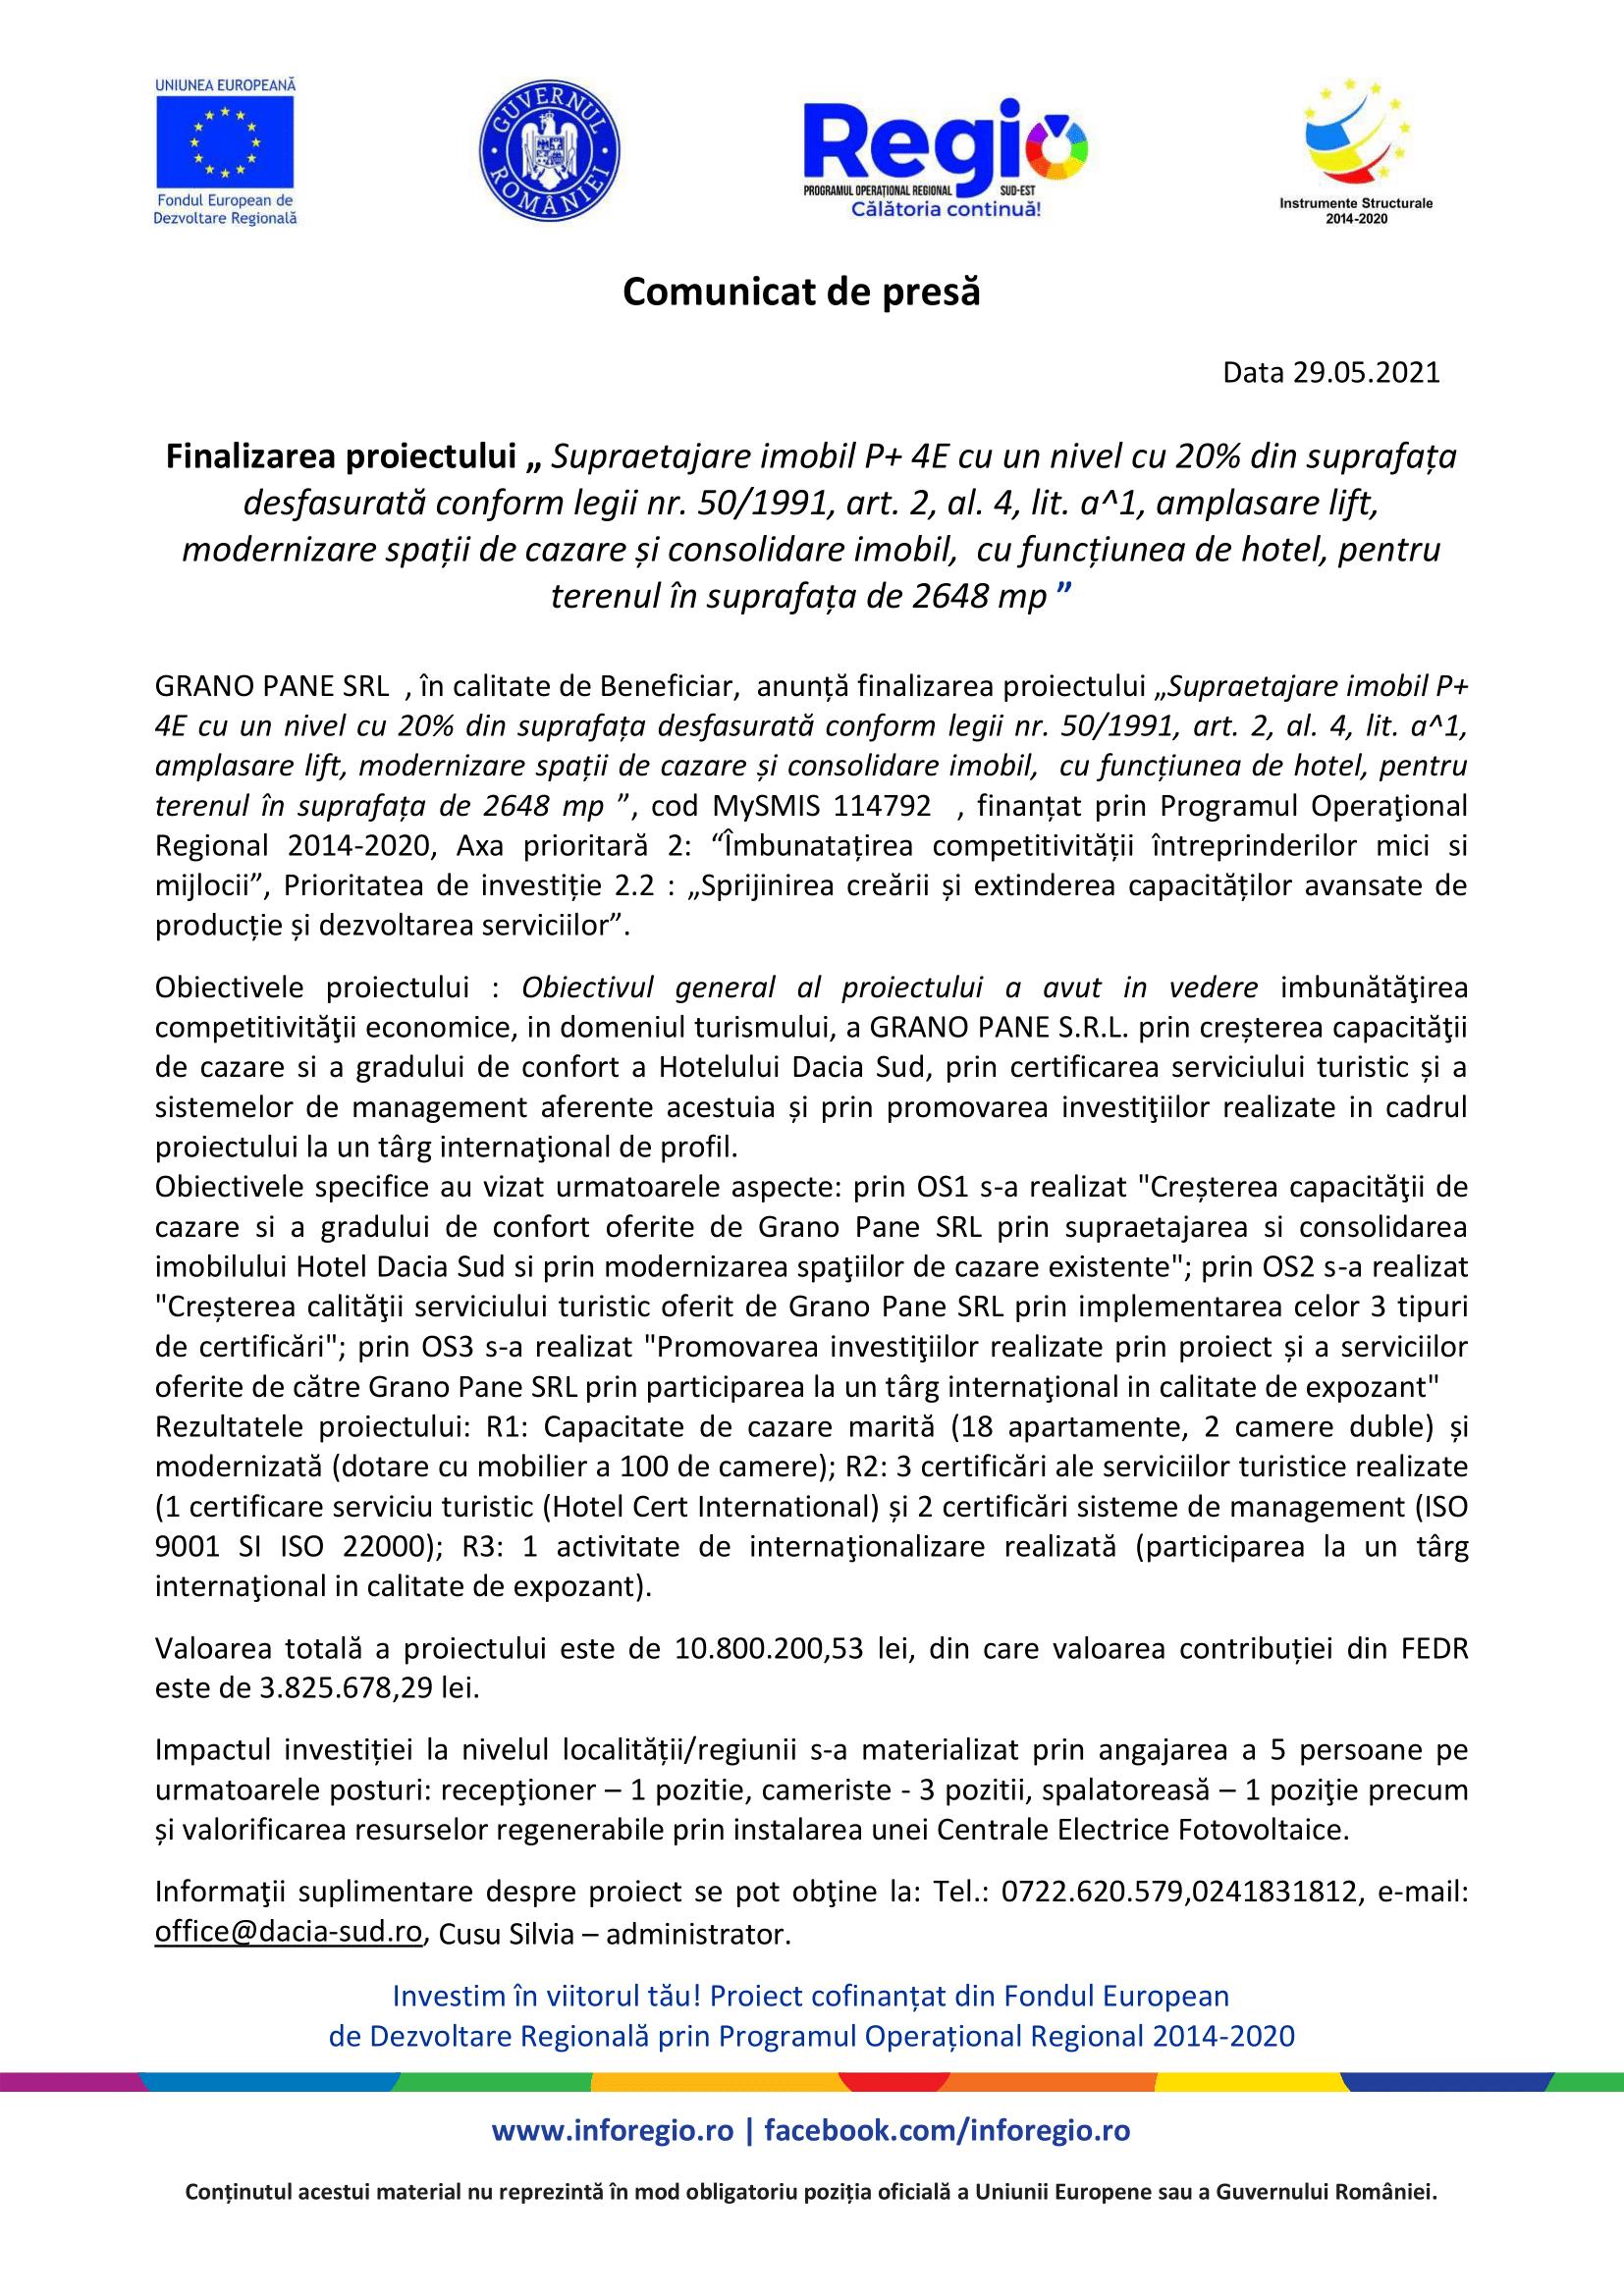 GRANO PANE SRL Comunicat de presa finalizare proiect.doc 28.05.2021-1